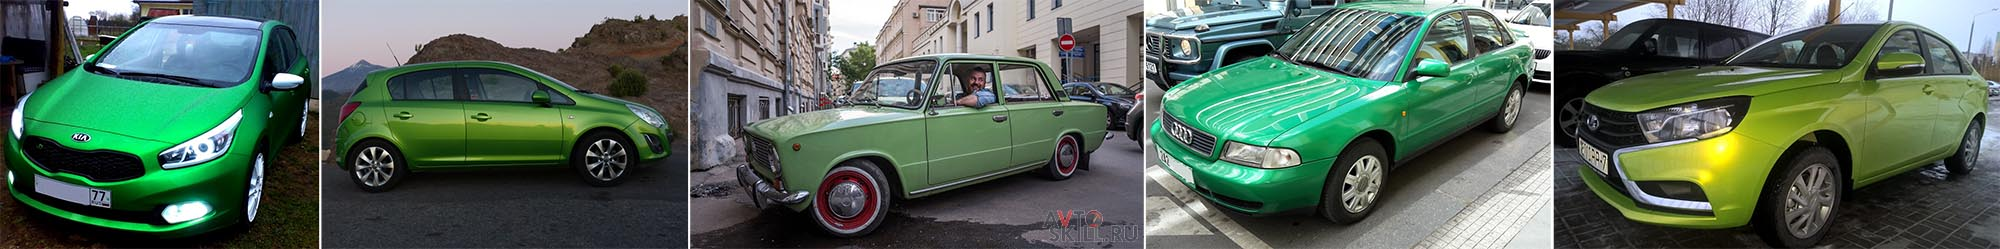 Какой цвет автомобиля выбрать | Зеленый цвет автомобиля